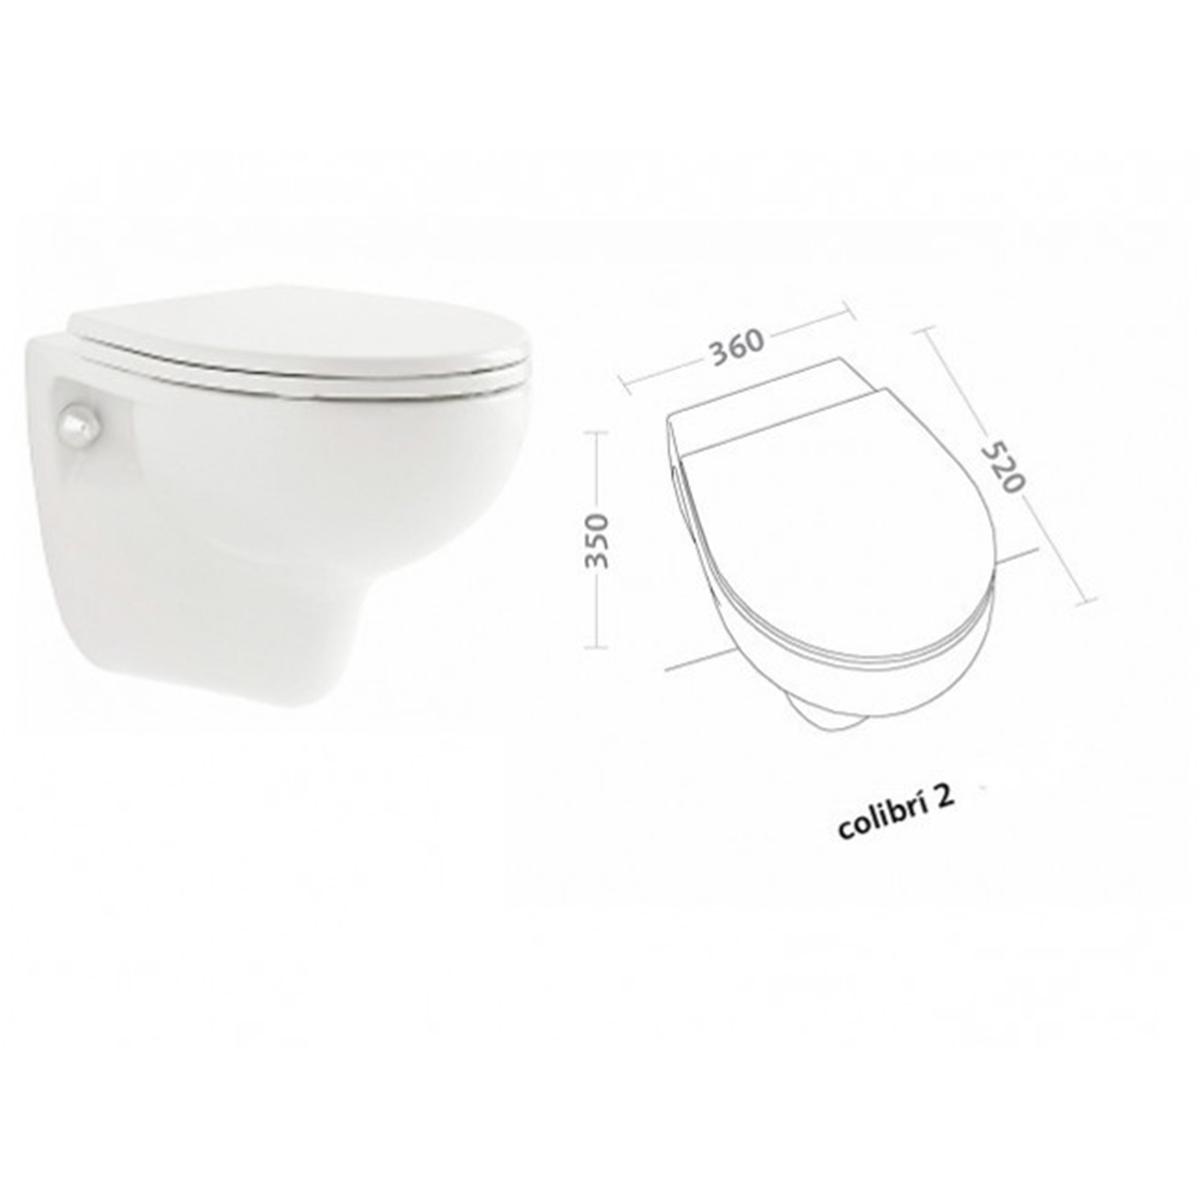 Pozzi Ginori Colibrì 2 Sanitari Sospesi  Vaso WC Sospeso Con Sedile Soft Close